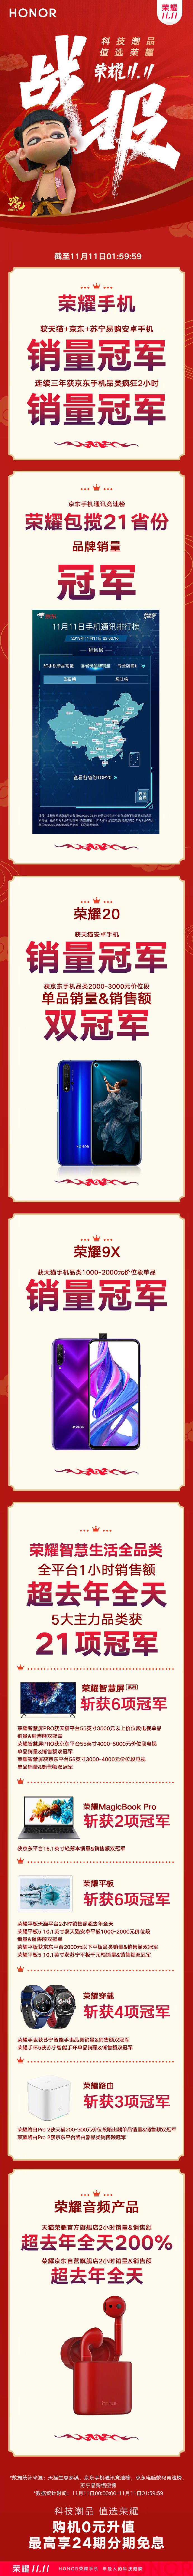 荣耀手机官方公布双11战报速递:斩获天猫+京东+苏宁易购安卓手机销量冠军